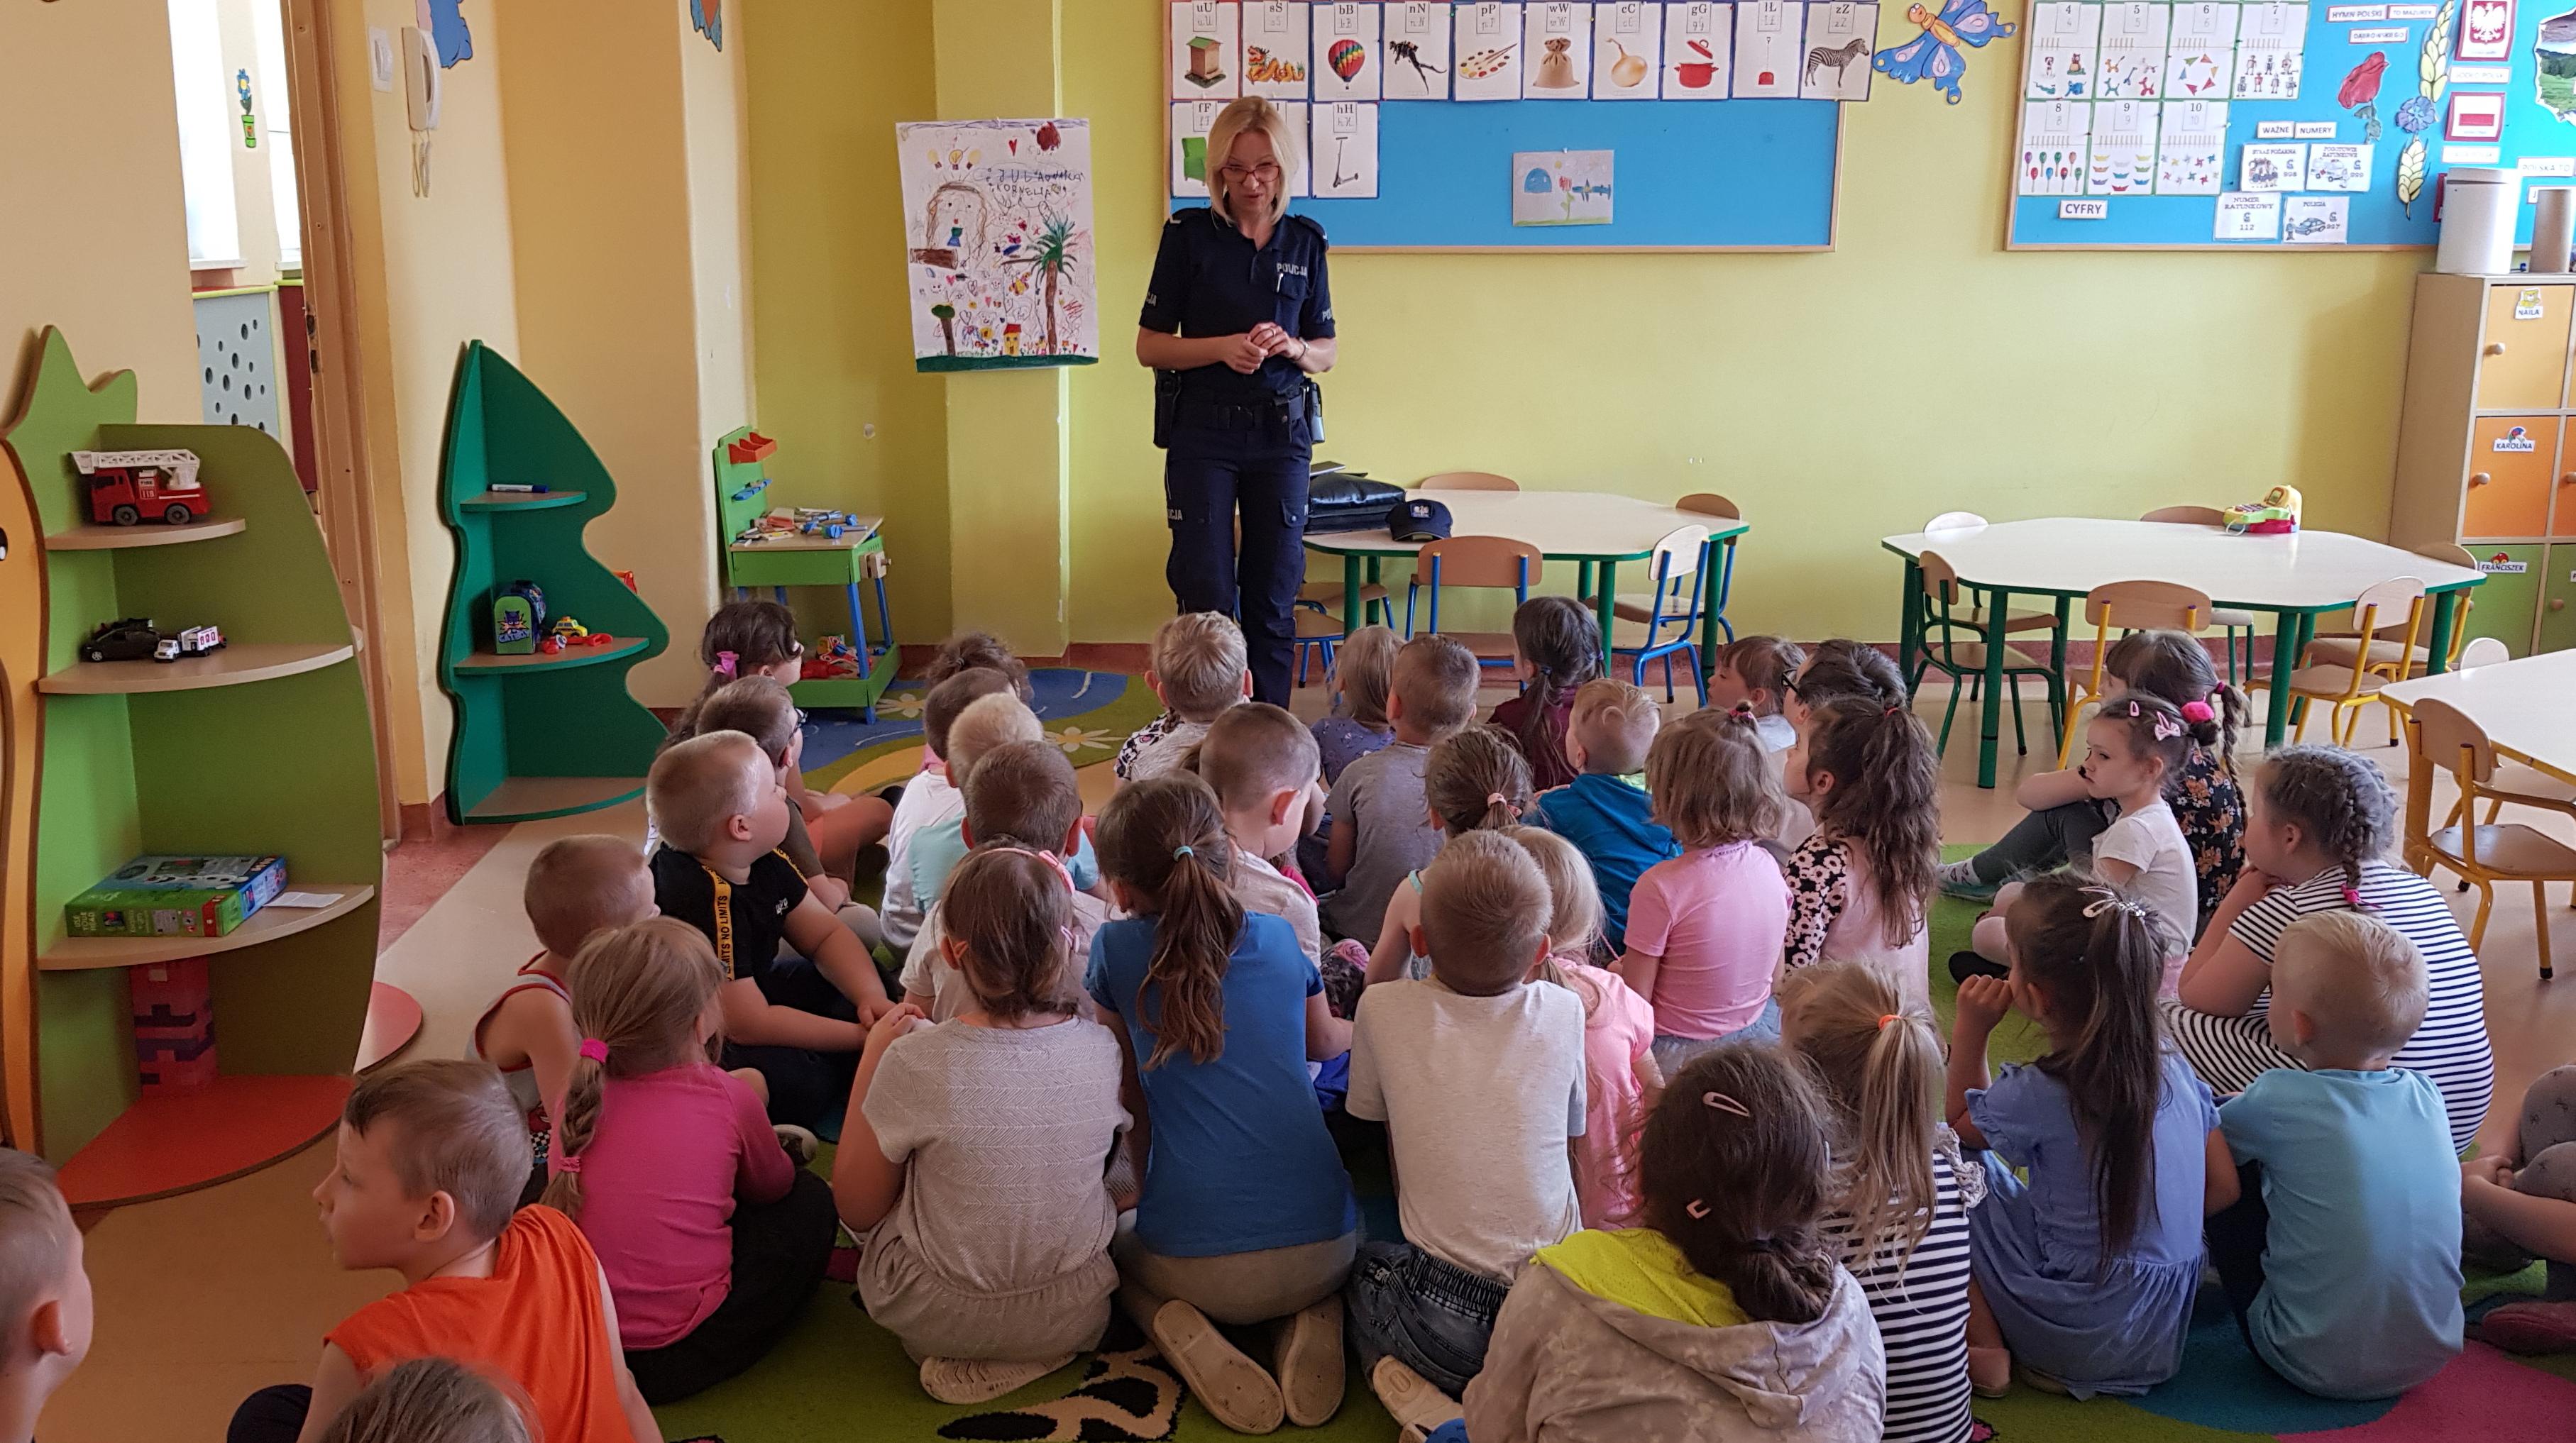 http://m.wm.pl/2019/06/orig/dzielnicowa-podczas-spotkania-z-dziec-mi-557119.jpg